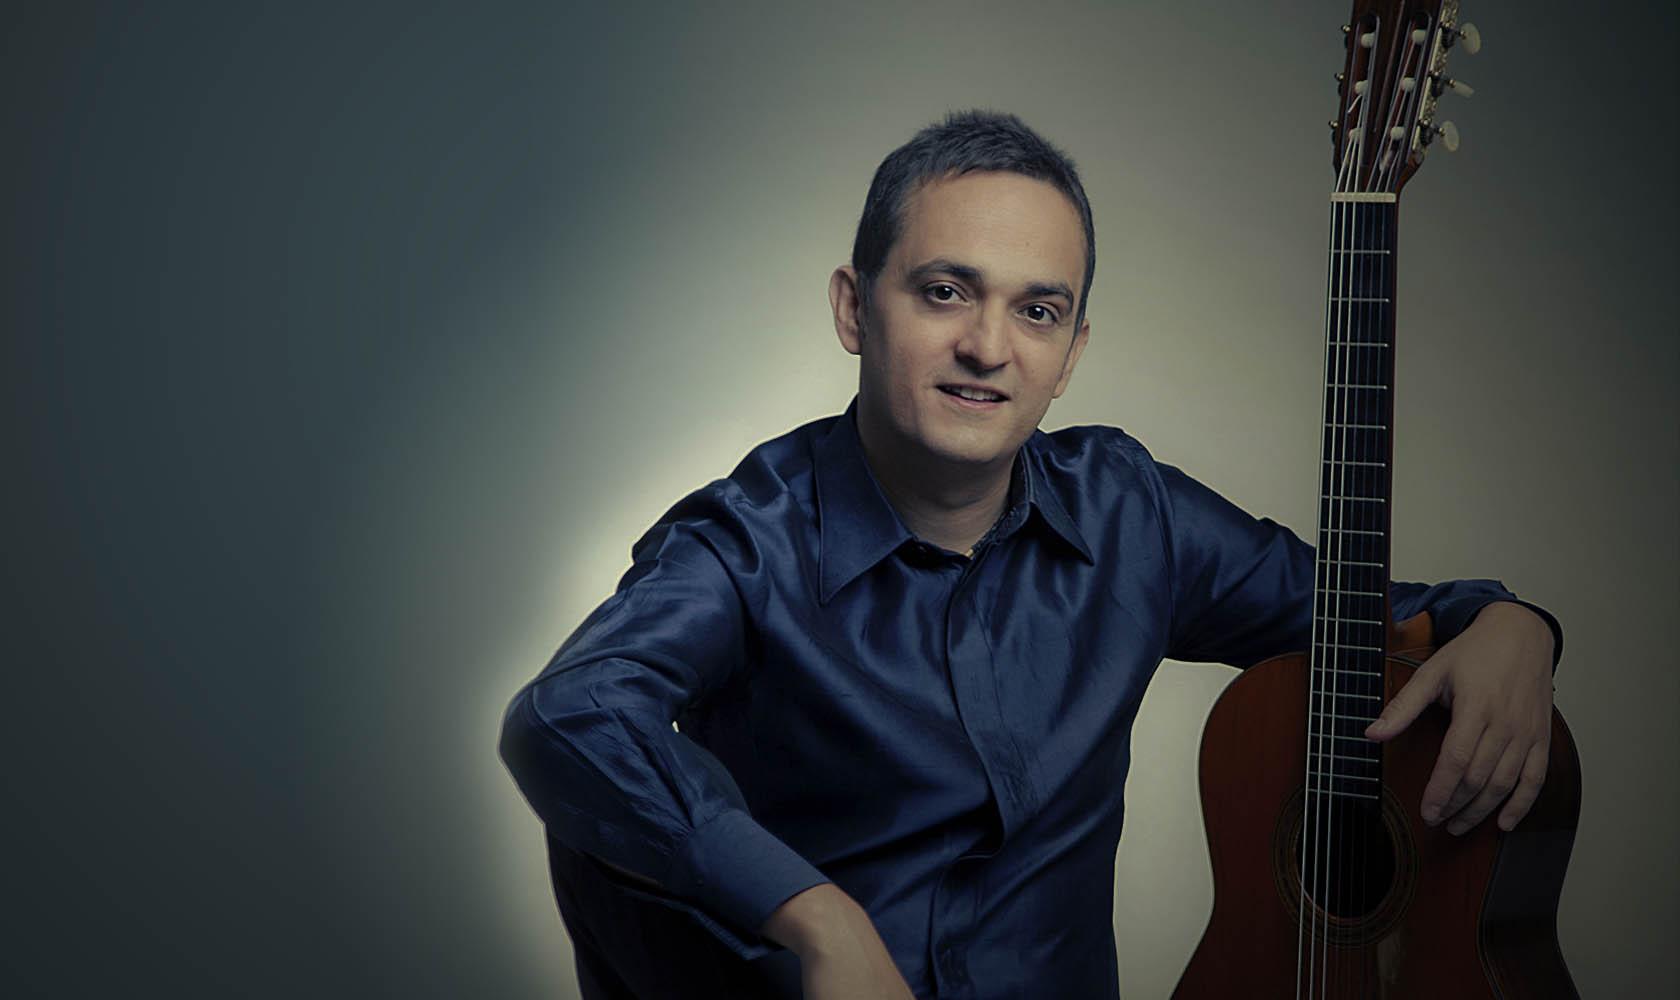 El Festival de la Guitarra de Sevilla celebra su décima edición